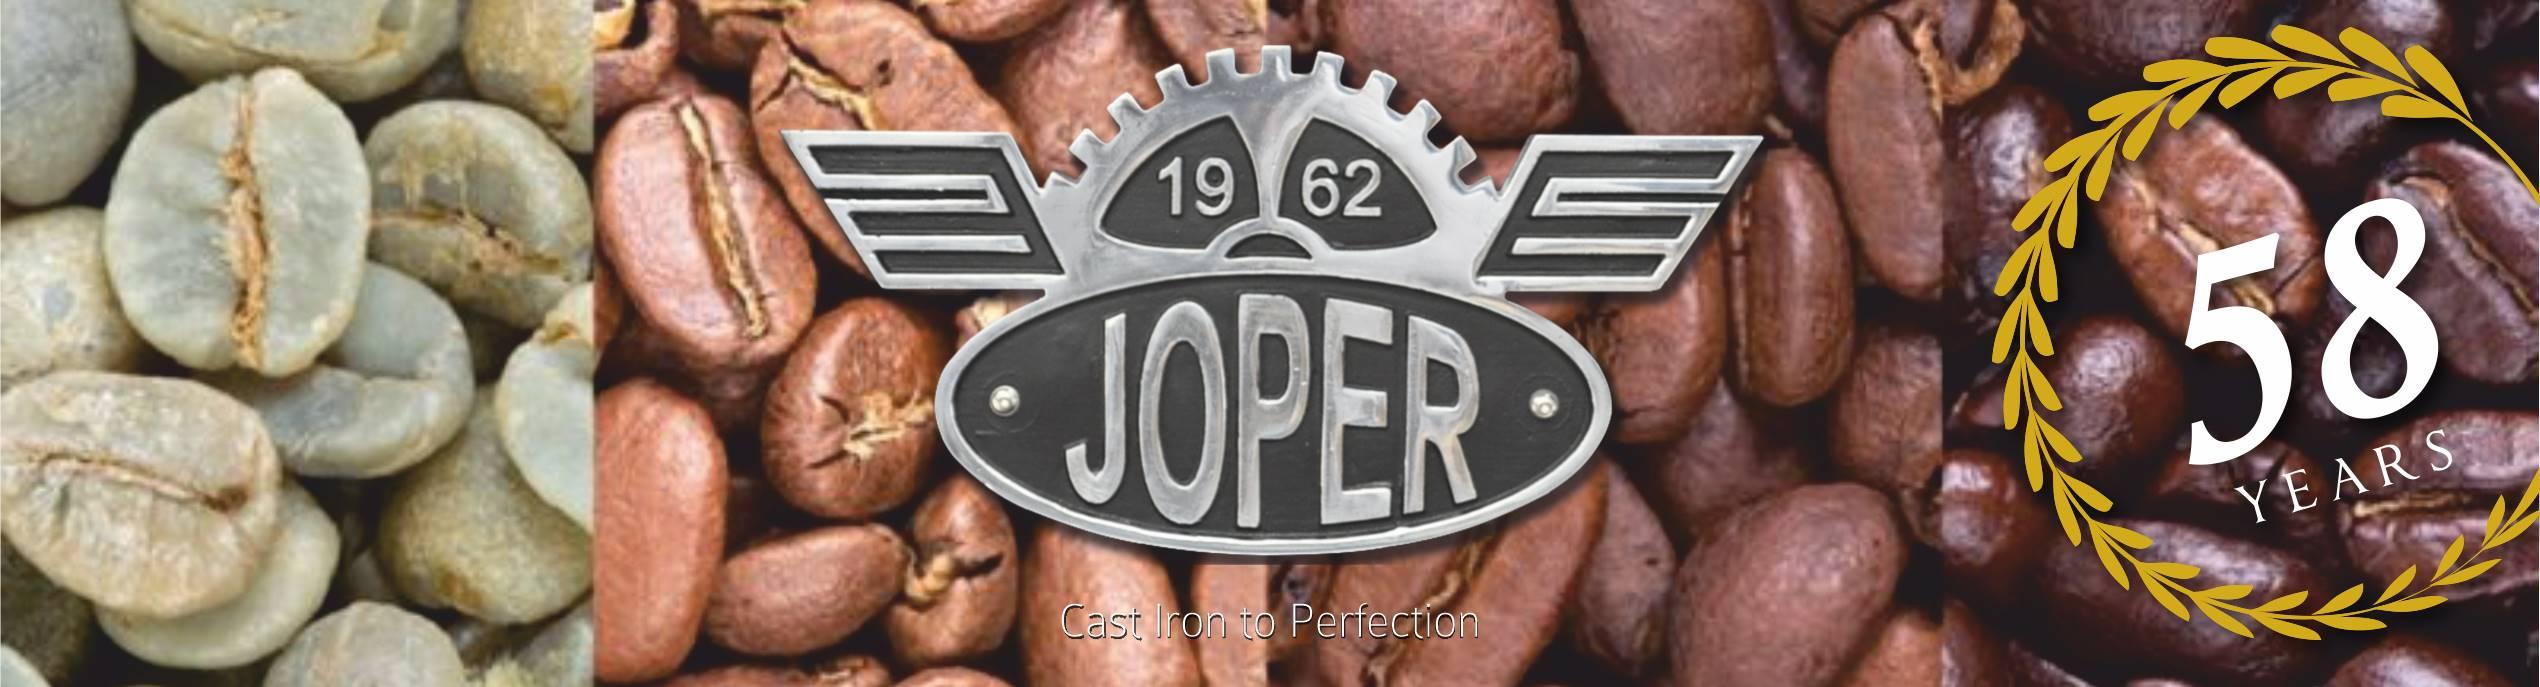 JOPER 58 Years